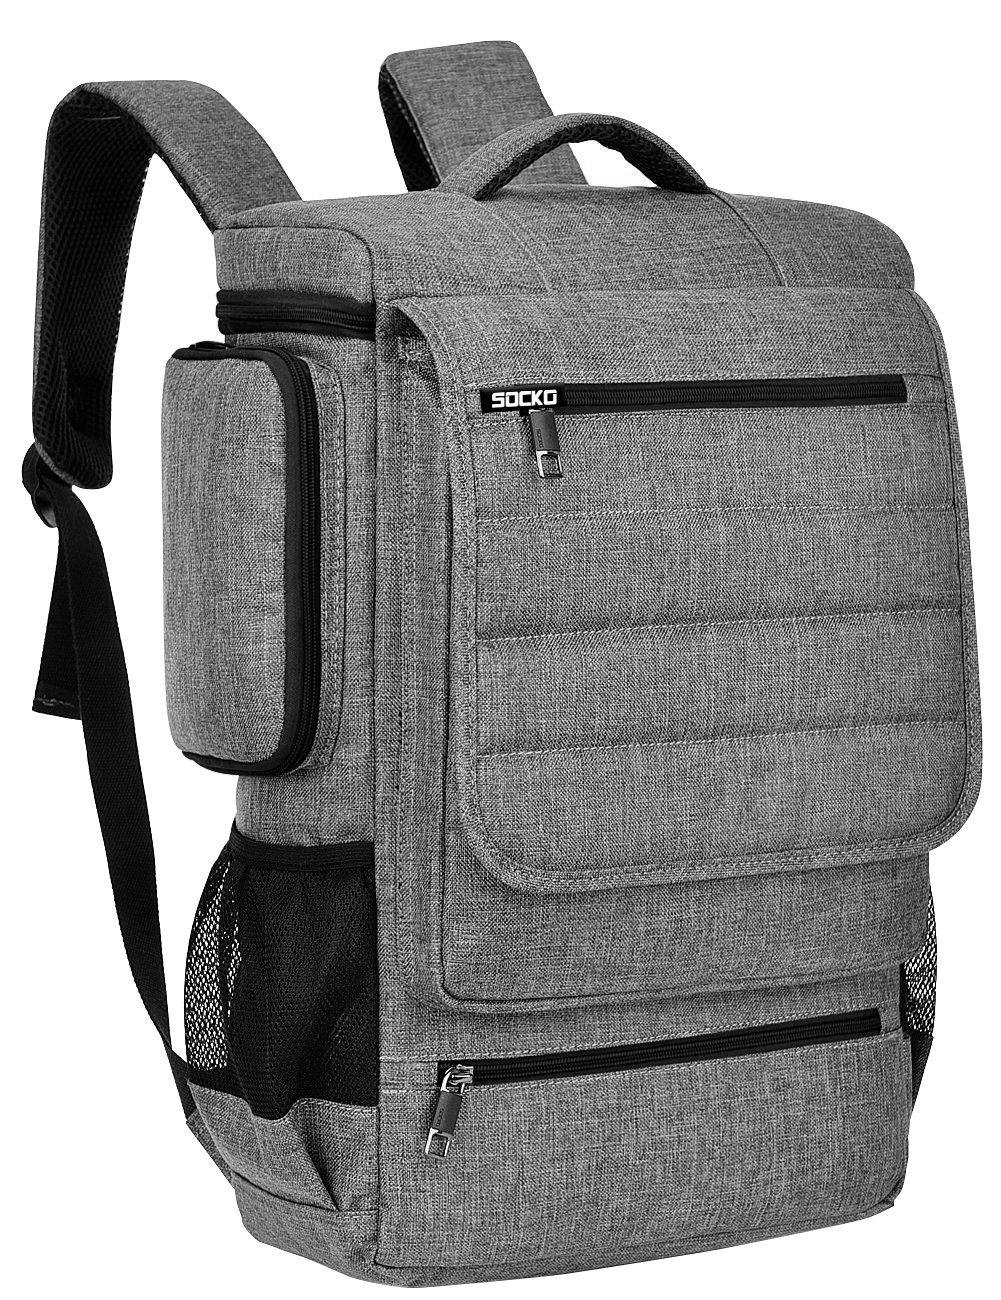 18.4 Inch Laptop Backpack,BRINCH Water Resistant Large Travel Backpack for Men Luggage Knapsack Computer Rucksack Hiking Bag College Backpack Fits 18-18.4 Inch Laptop Notebook Computer, Grey-Black by BRINCH